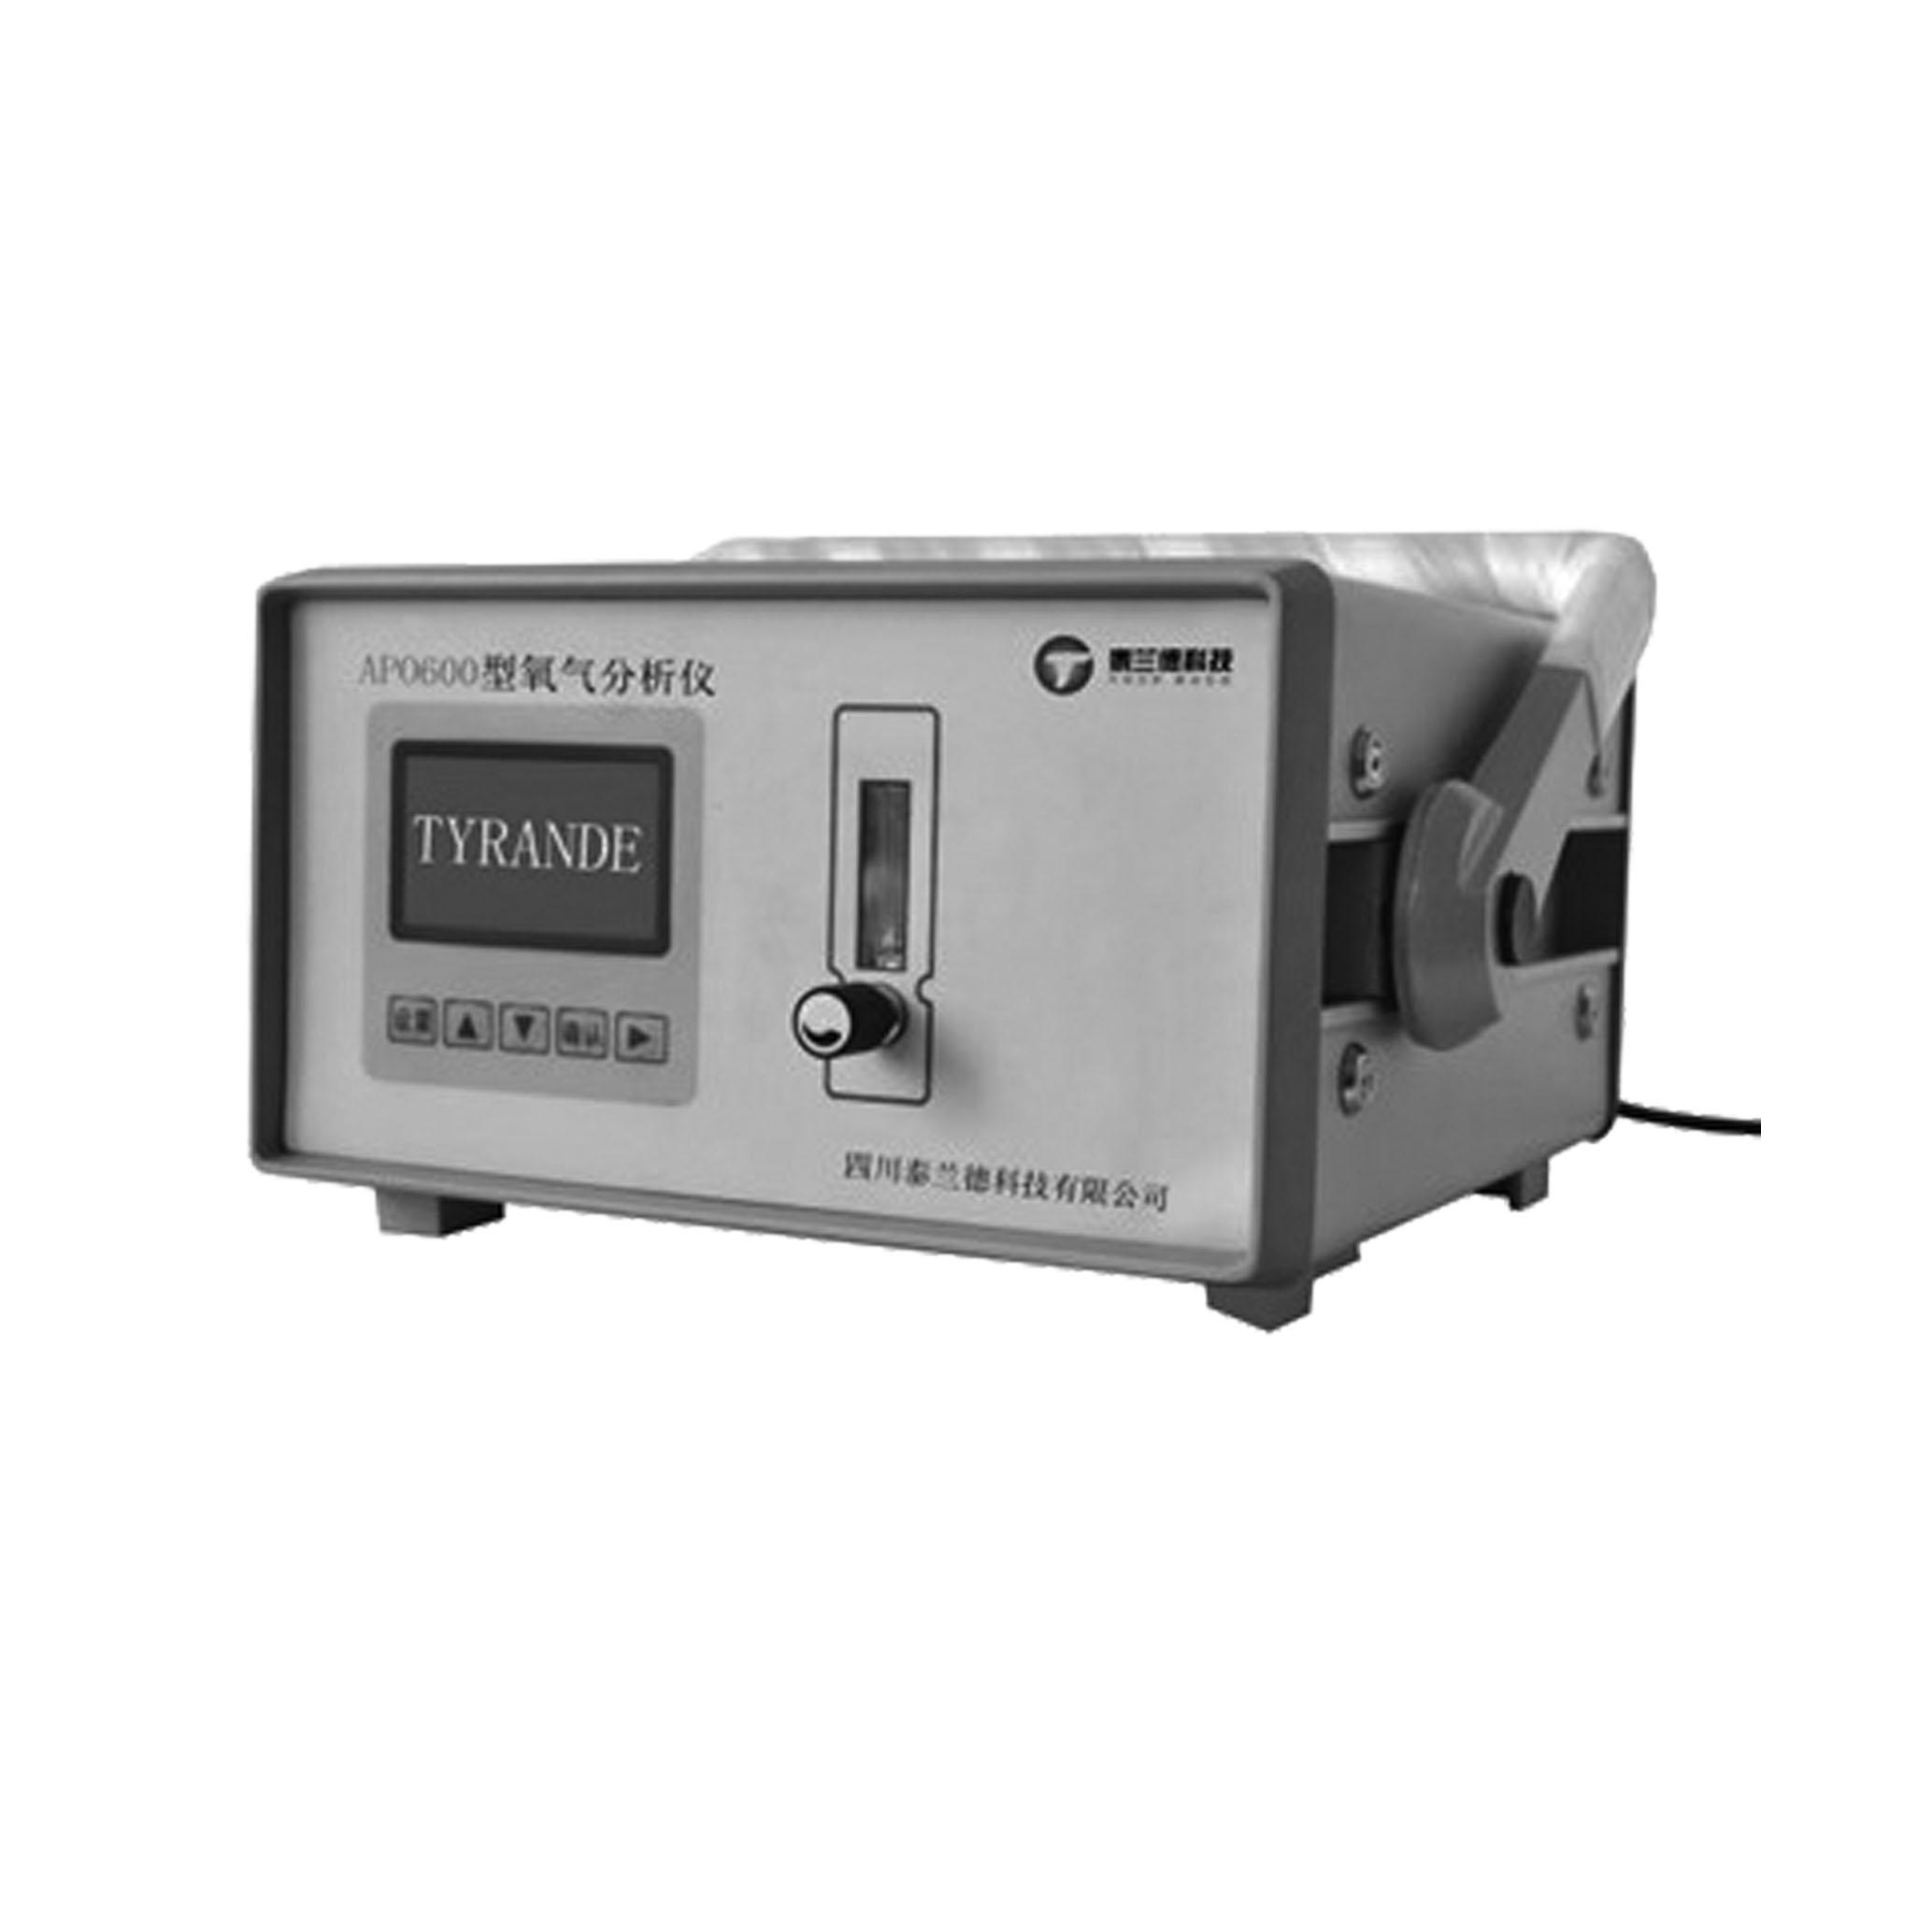 APO-600便携式氧分析仪